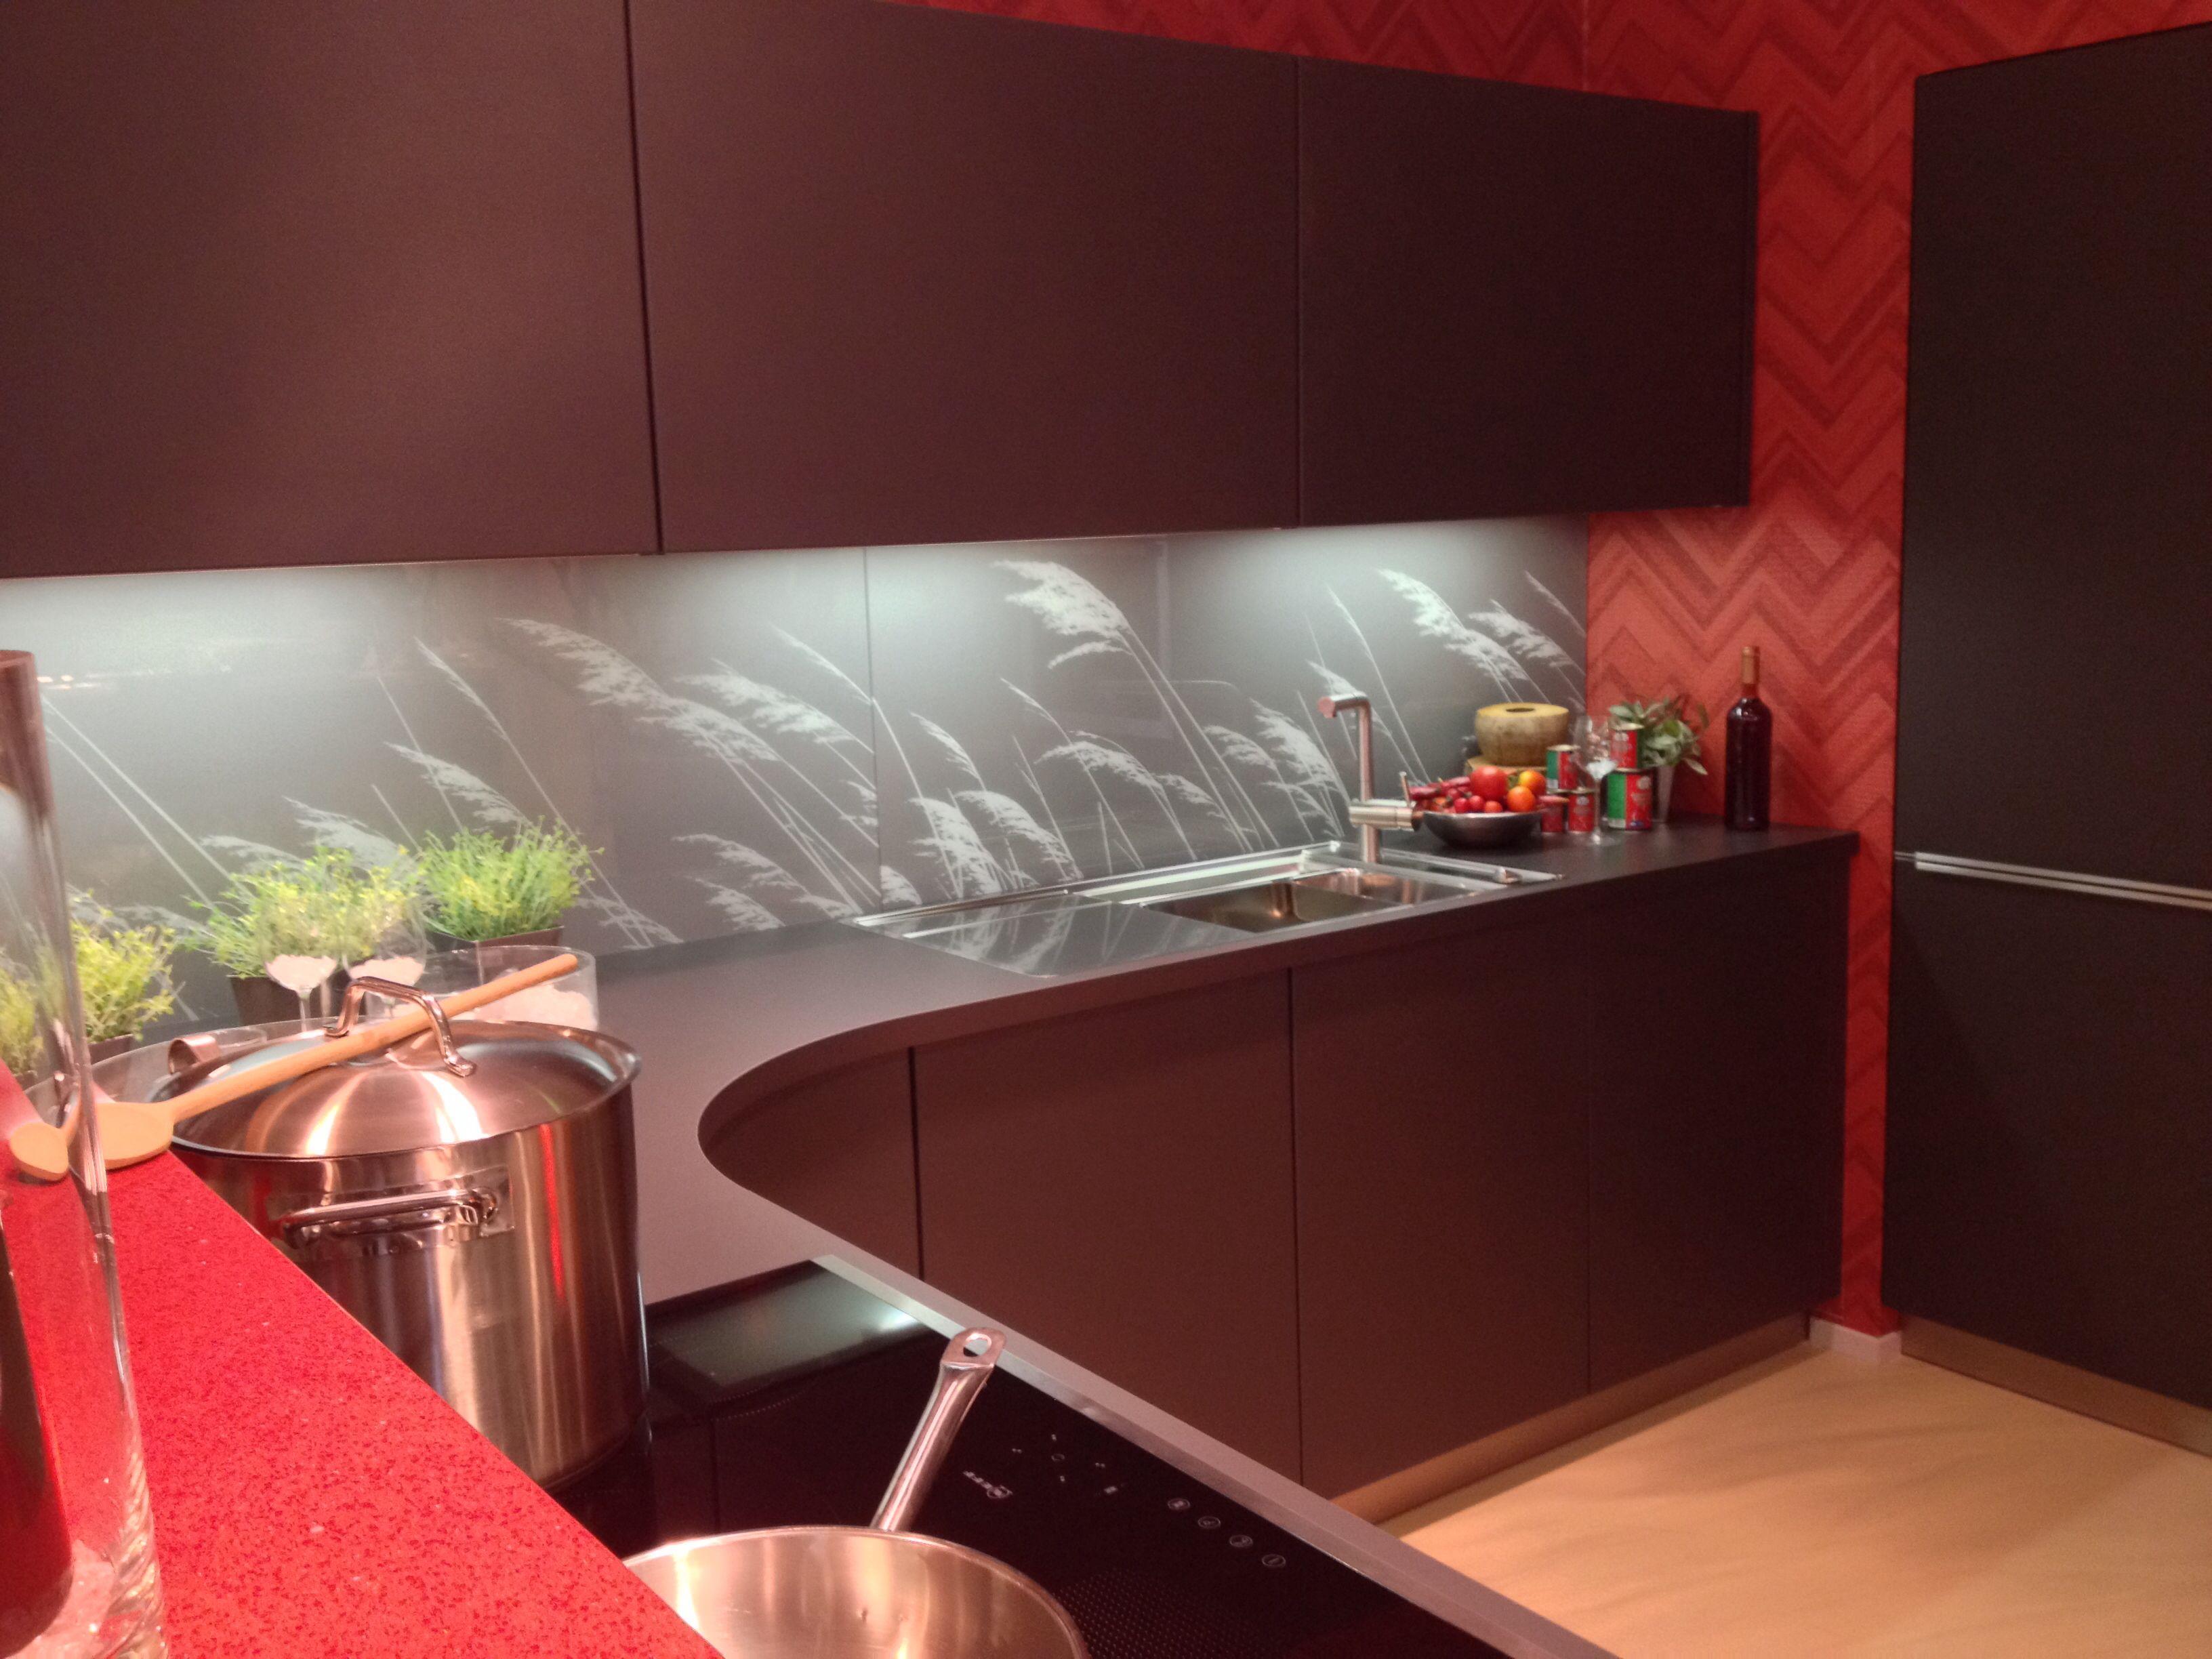 Küchenrückwand Klebefolie ~ Besten küchenrückwand bilder auf farbiges glas